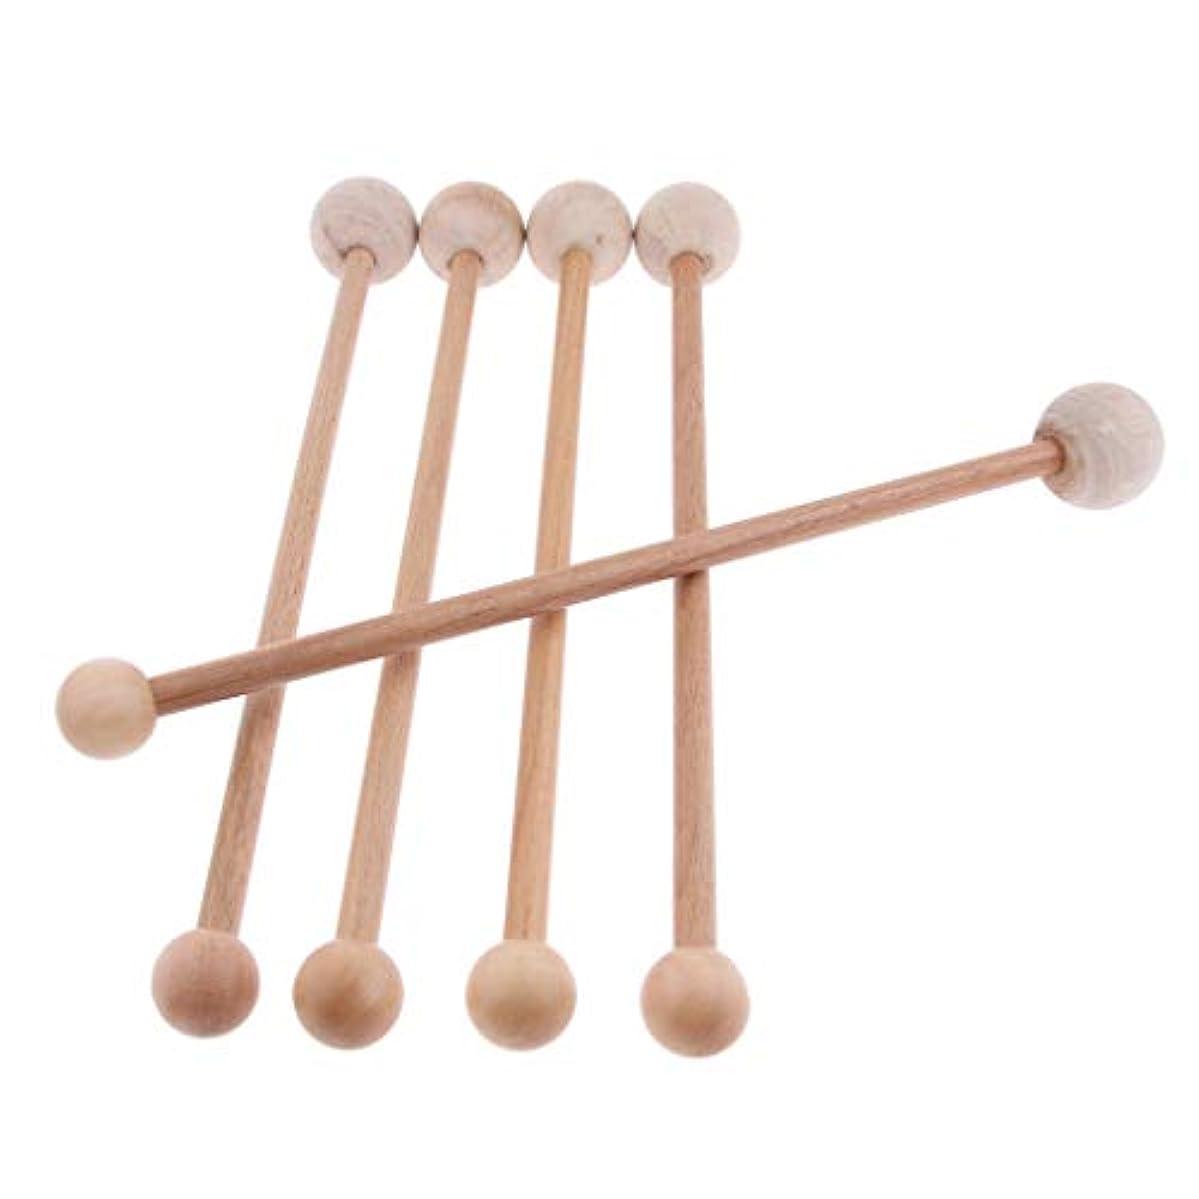 欲しいです保全伸ばすマッサージハンマー ノック 肩たたき棒 ツボ押し 木製 手持ち ストレス解消 肩 背中 腰 5個